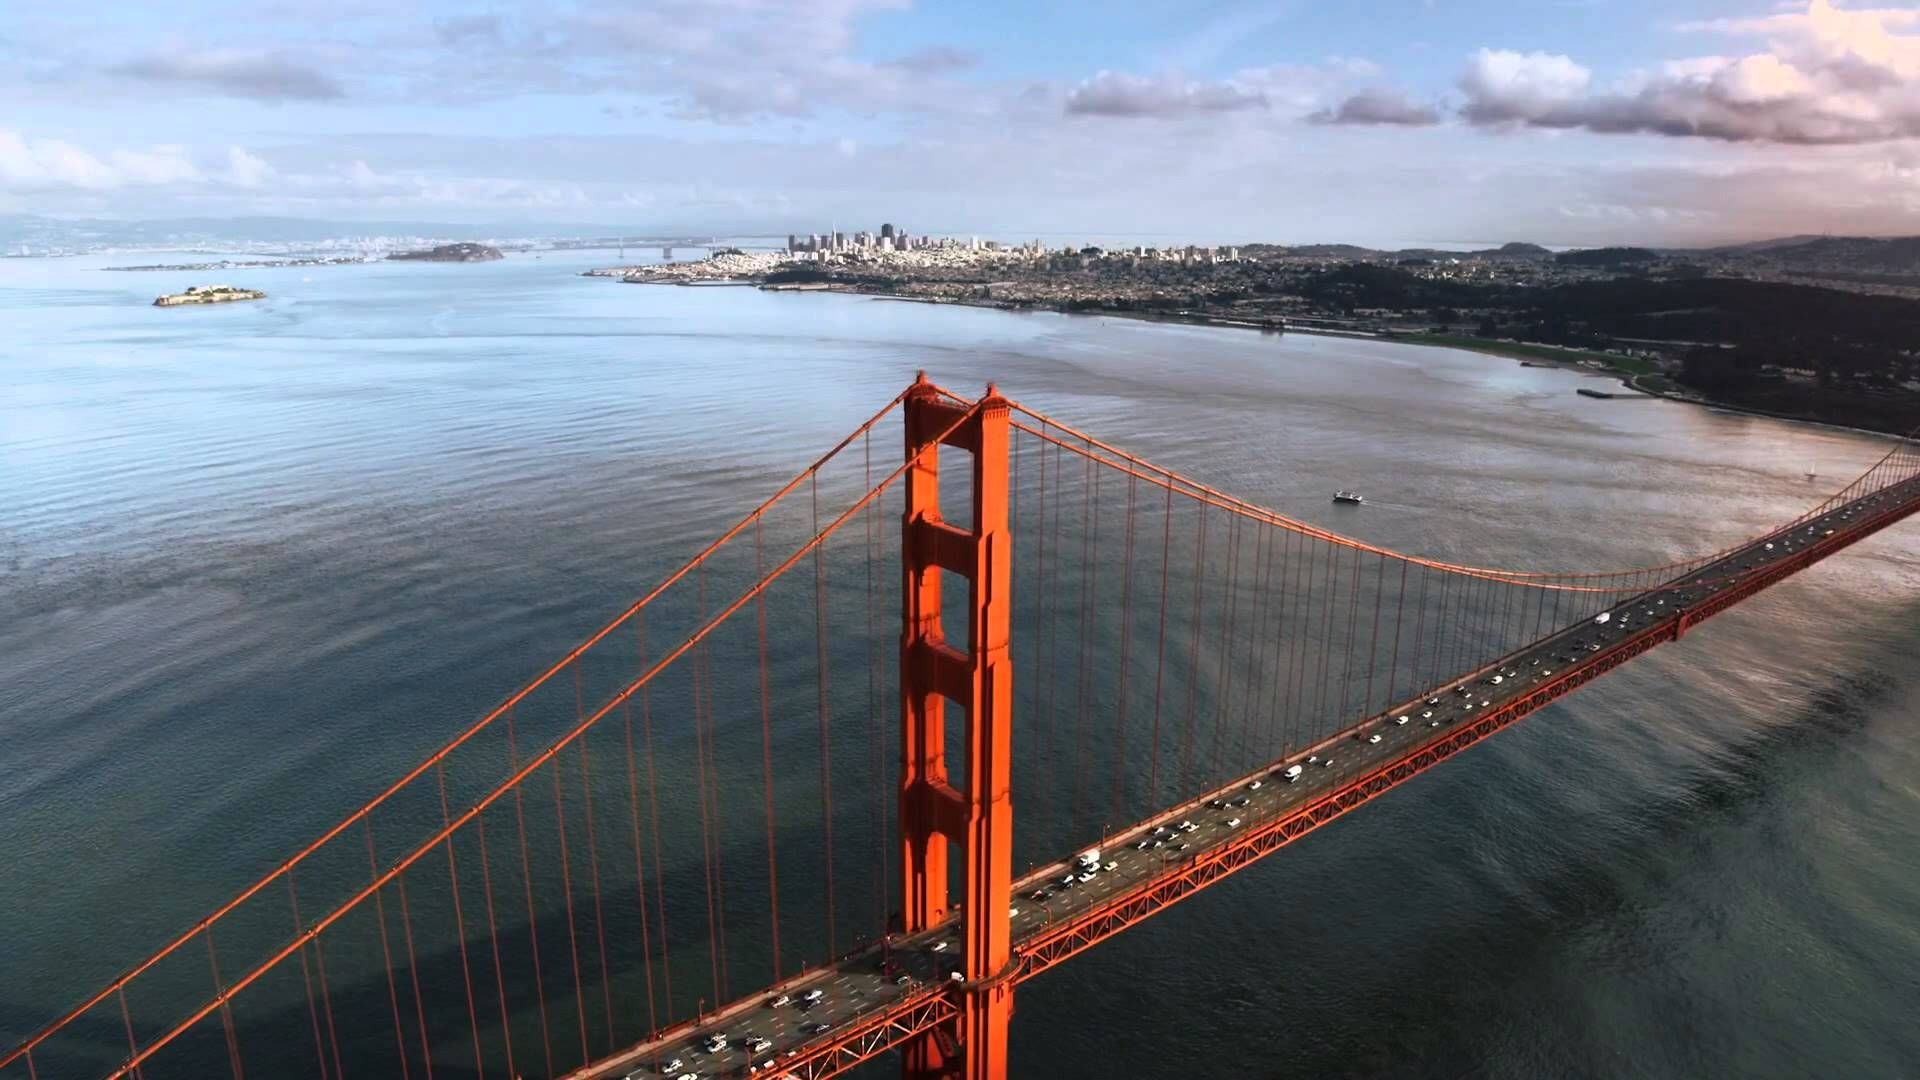 Top Wallpaper Macbook San Francisco - 4e6c5c16fff15f8525a684f1ec881f06  You Should Have_464516.jpg